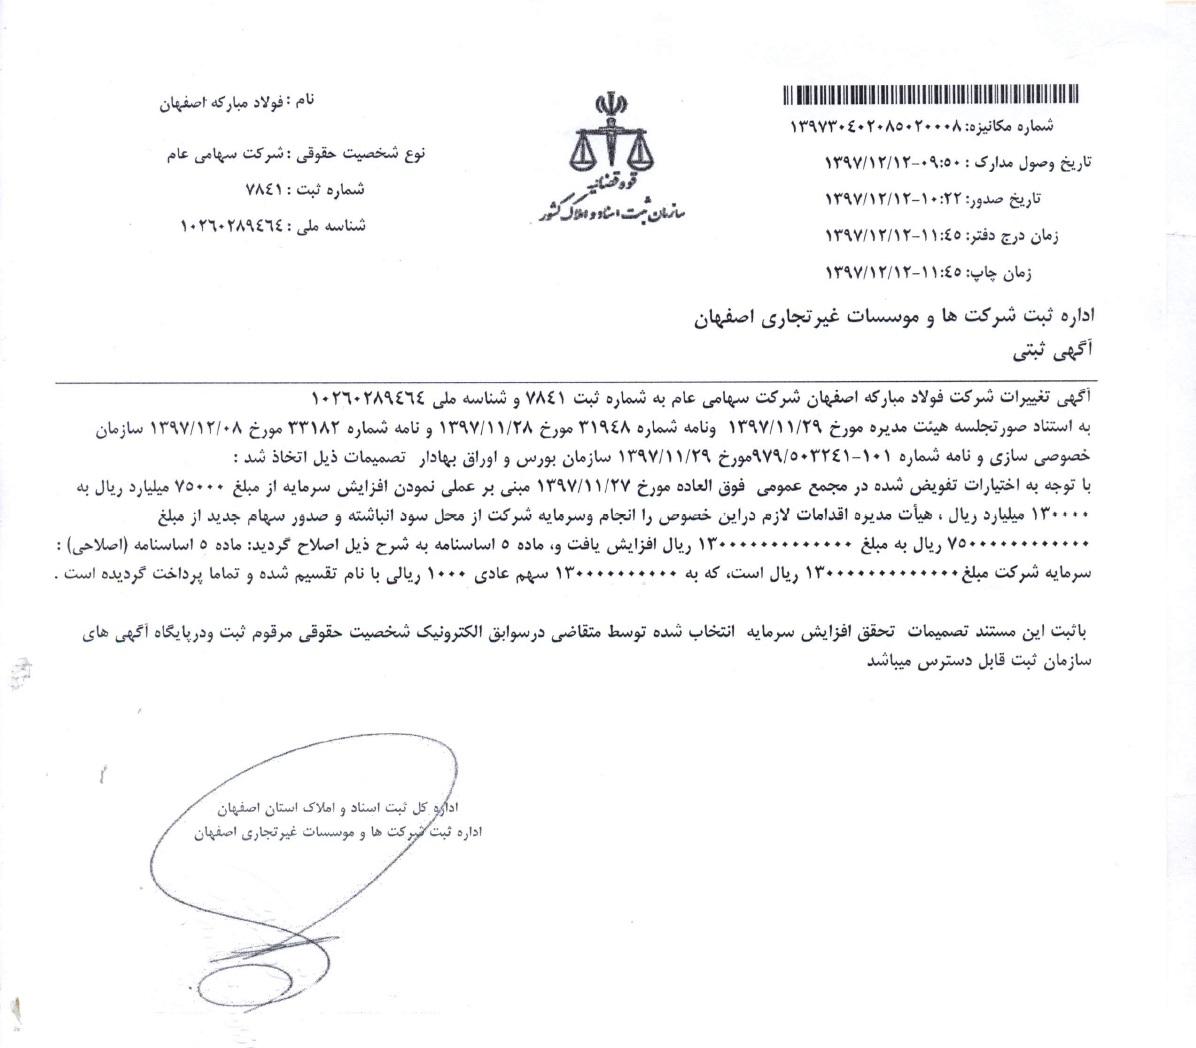 ثبت افزایش سرمایه شرکت فولاد مبارکه اصفهان در مرجع ثبت شرکت ها